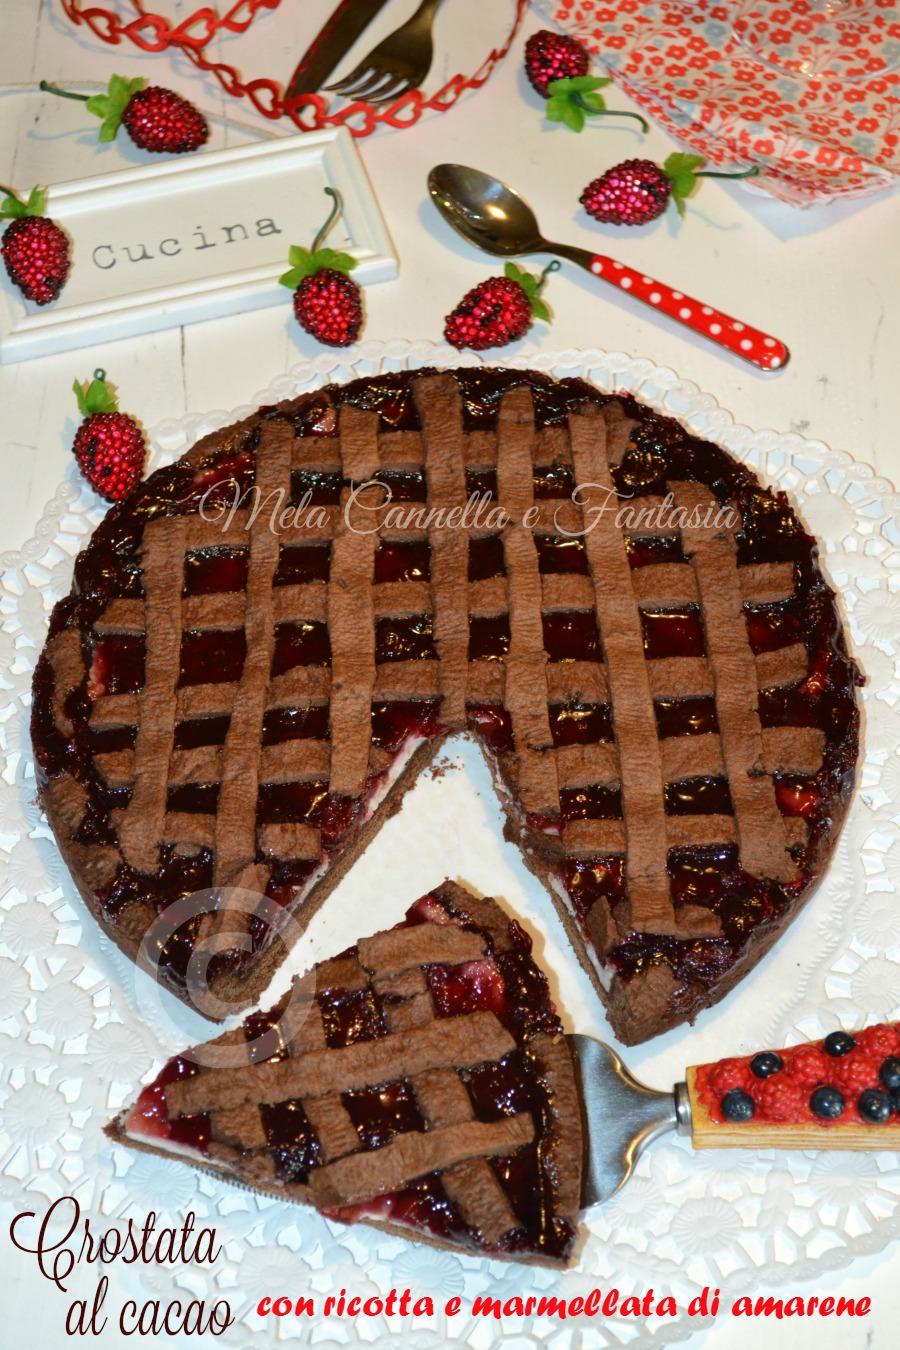 Crostata al cacao con ricotta e marmellata di amarene